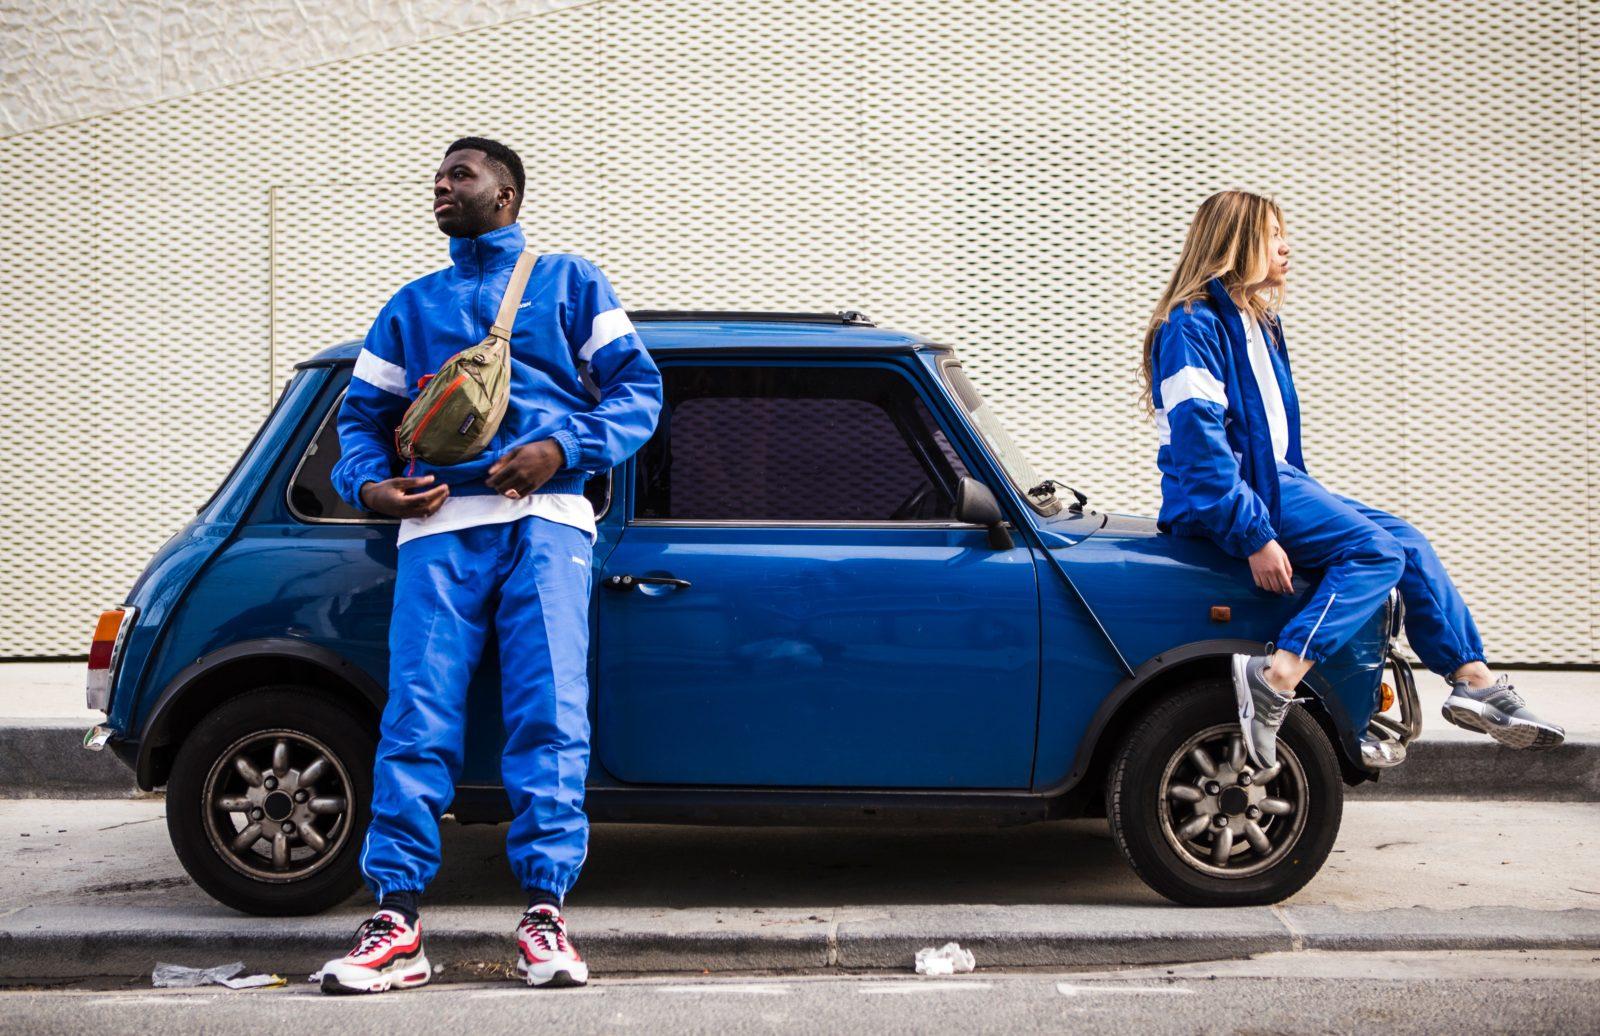 truevision trvsn streetwear paris street paris hiver 2018 noel cadeau bleu - Des idées de cadeaux cools à offrir à Noël aux amateurs de tendances urbaines